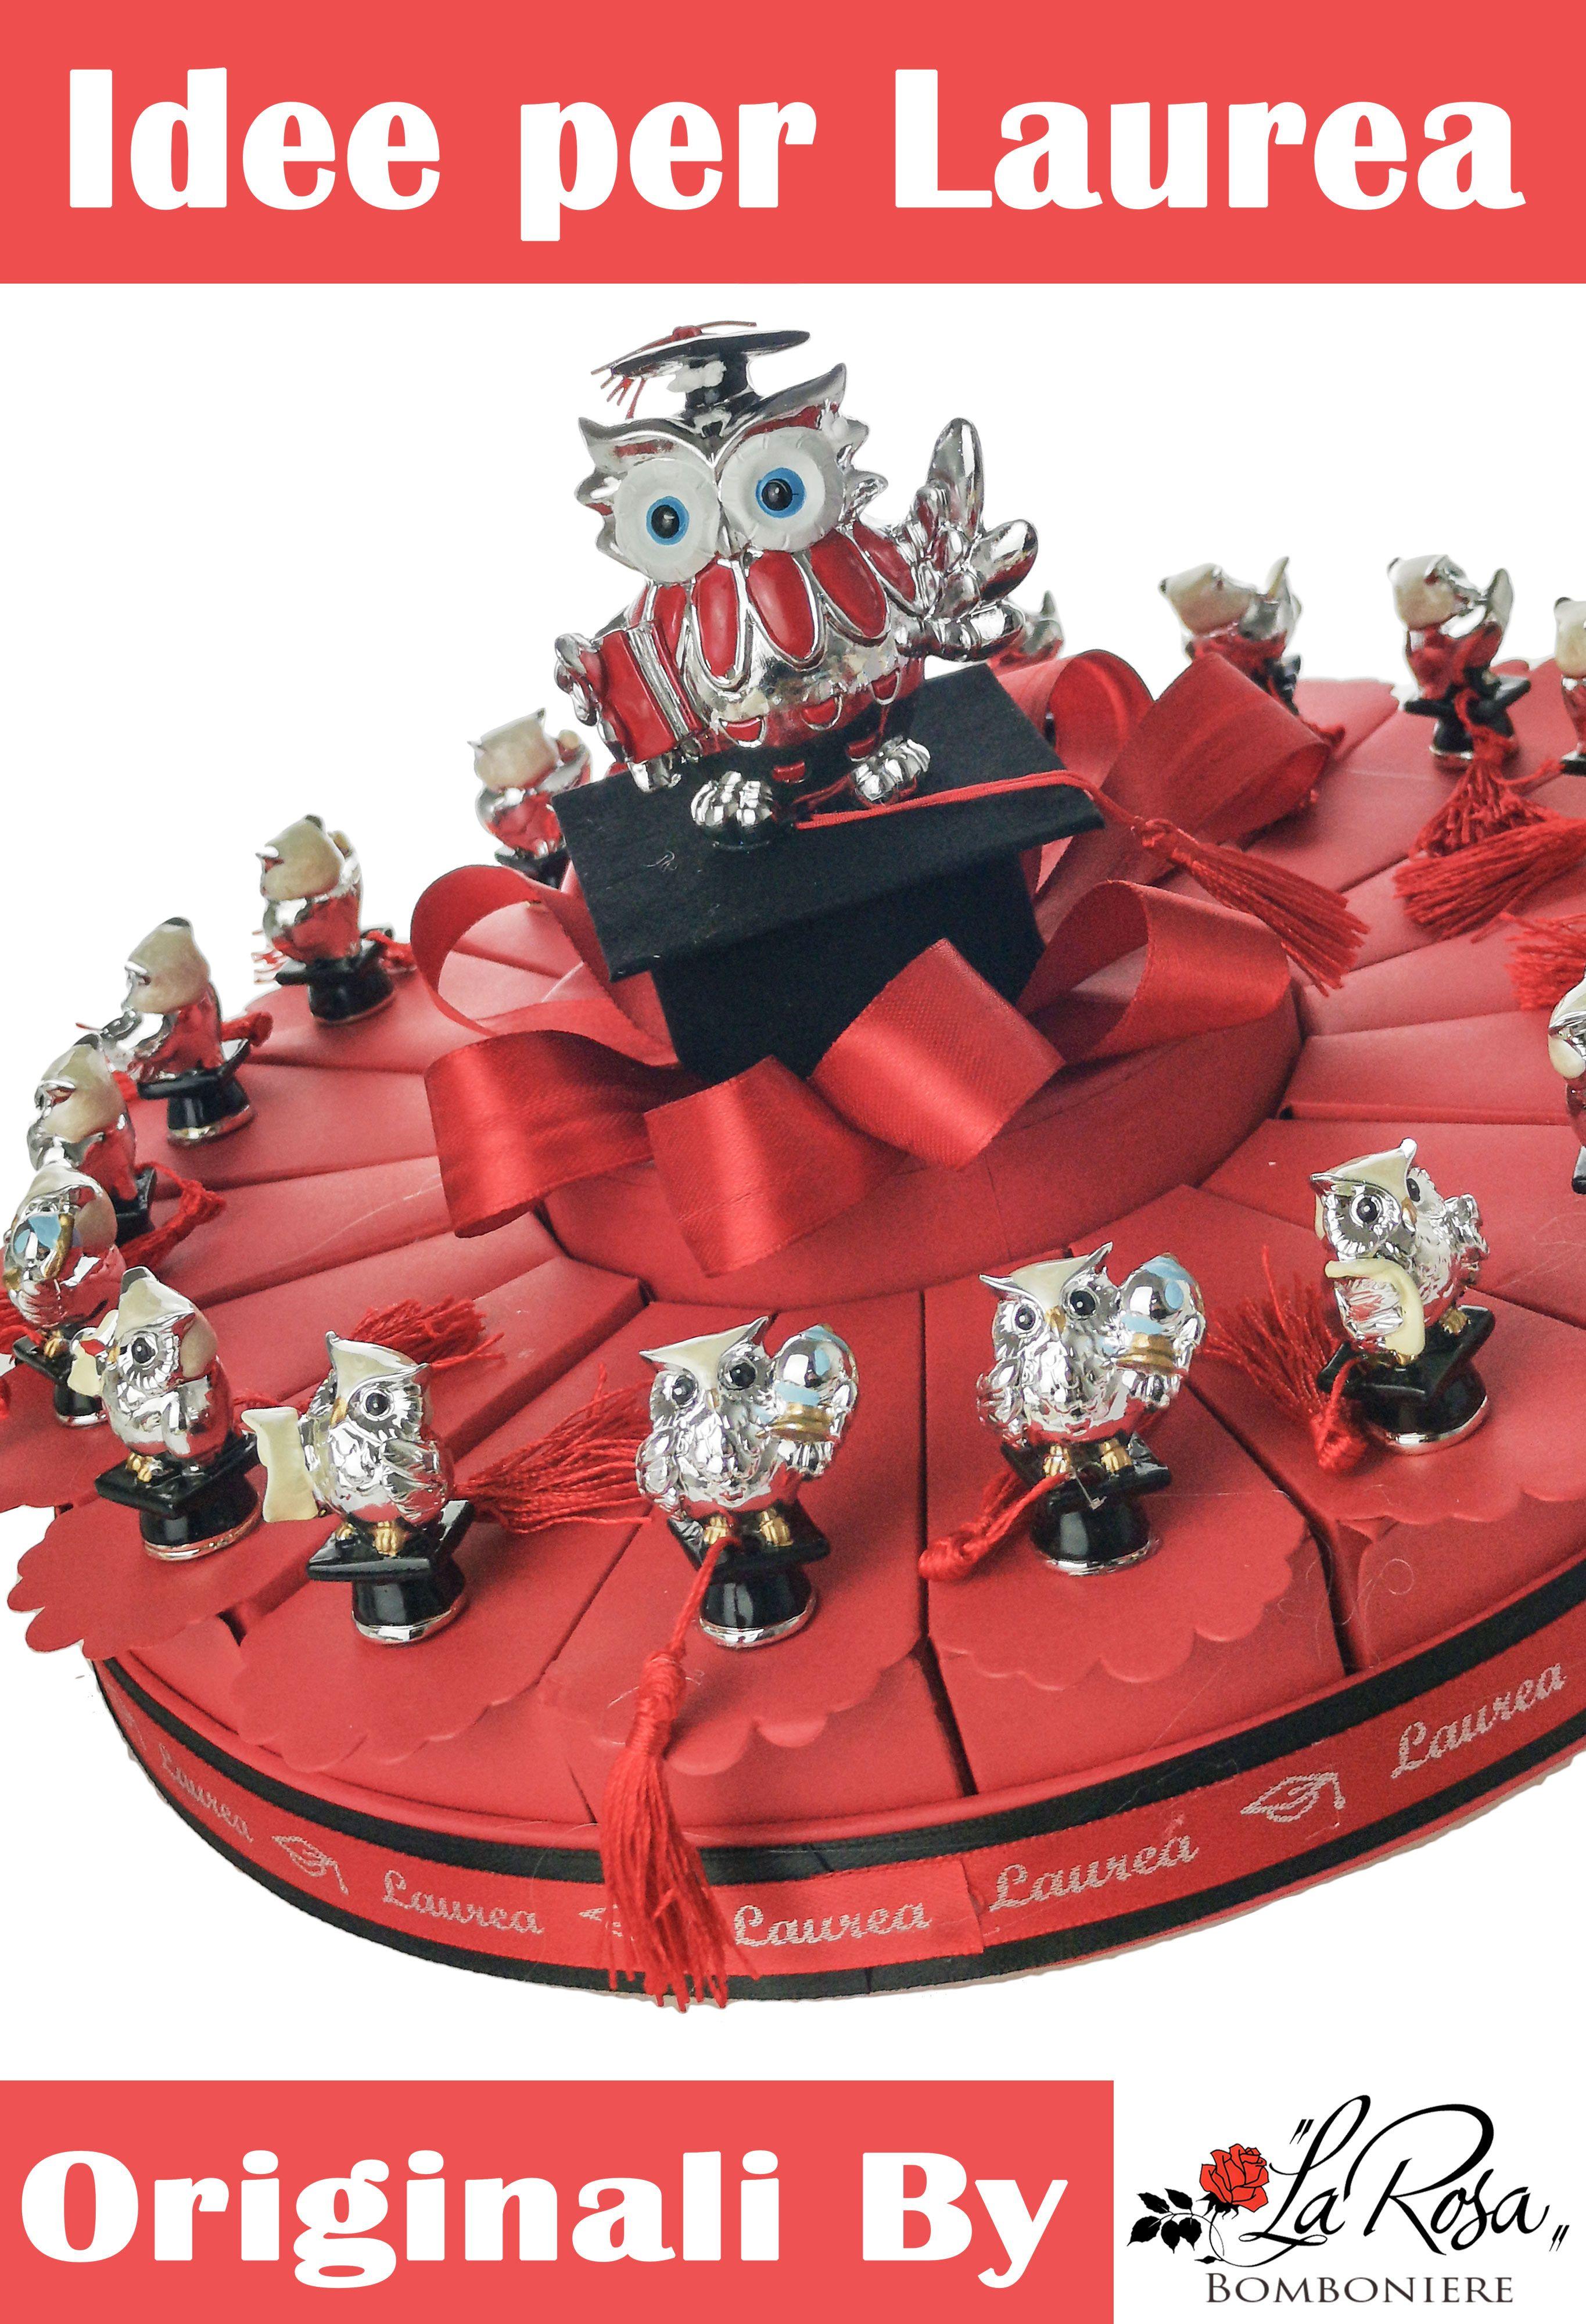 Bomboniere Laurea Fai Da Te Idee Bomboniere Laurea Originali By Bomboniere La Rosa Scopri Le Torte Di Bomboniere Laurea Original Laurea Idee